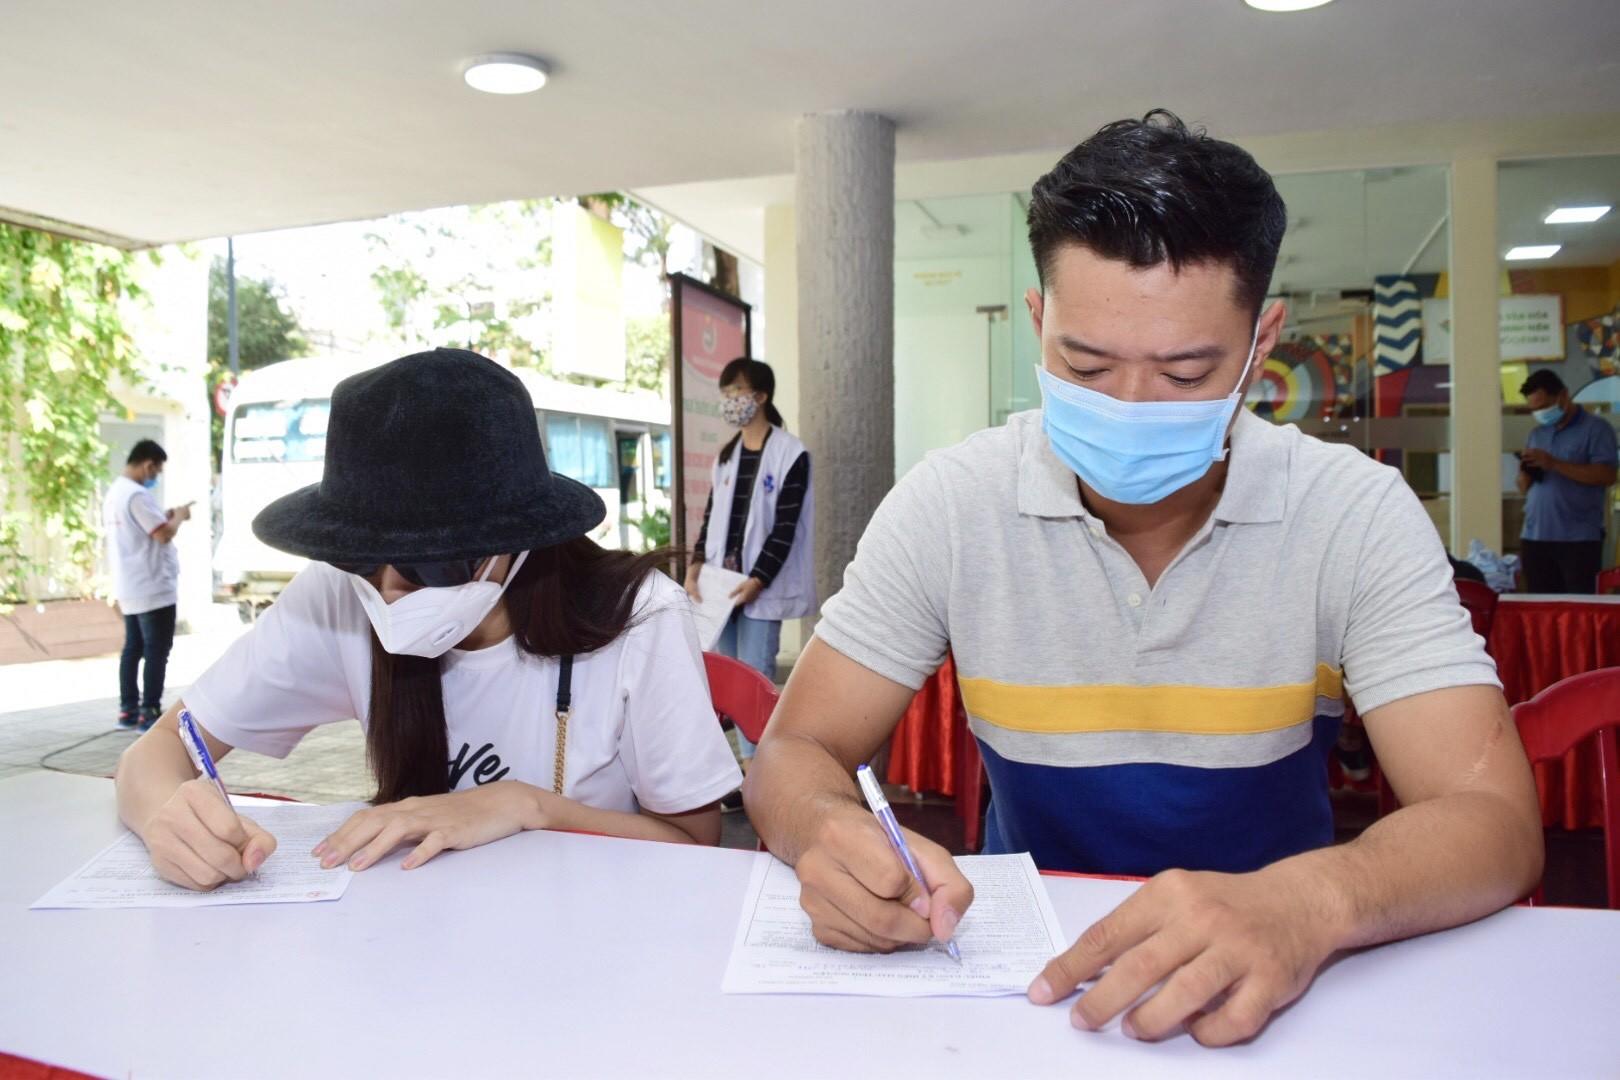 Hoa hậu Tiểu Vy,Đức Vĩnh,Trương Quỳnh Anh